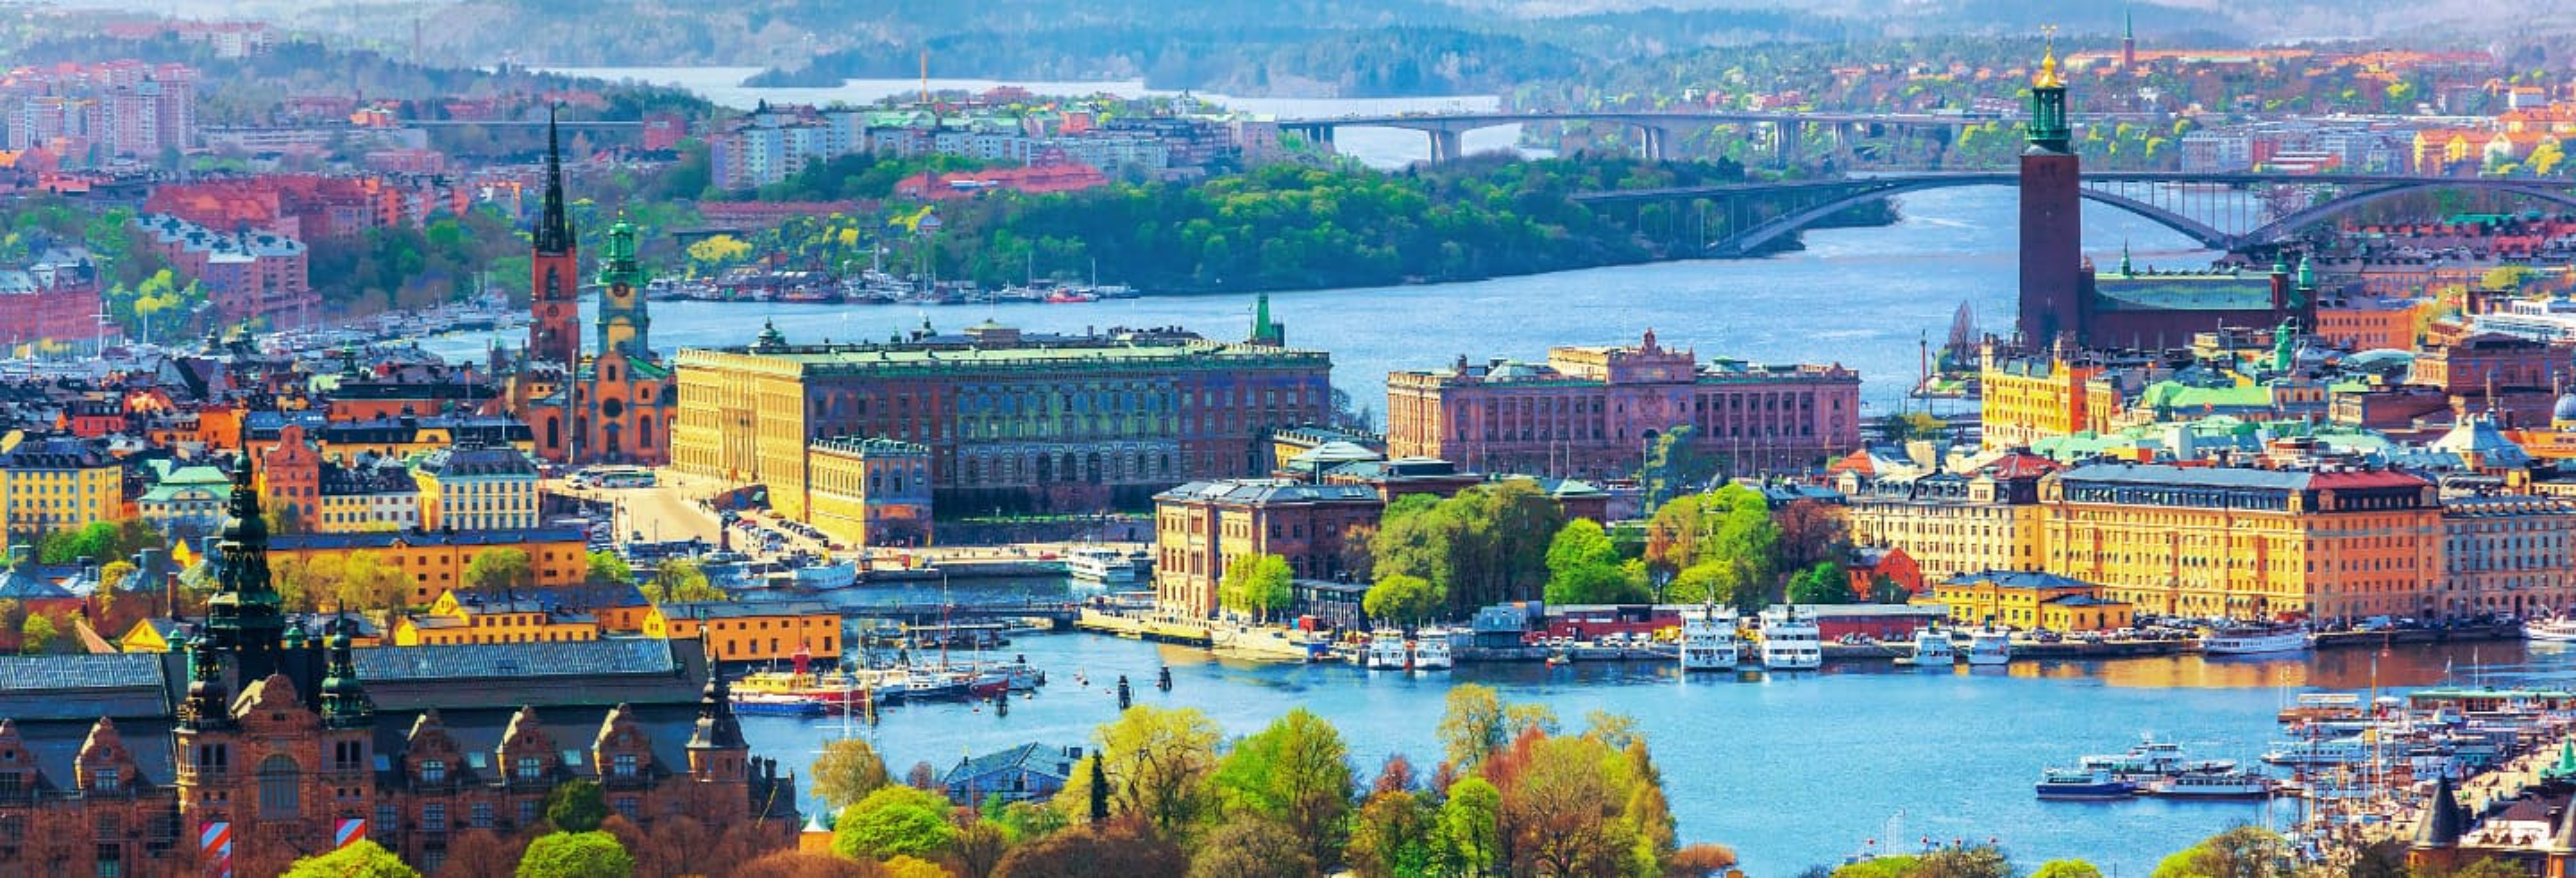 Tour privado por Estocolmo con guía en español